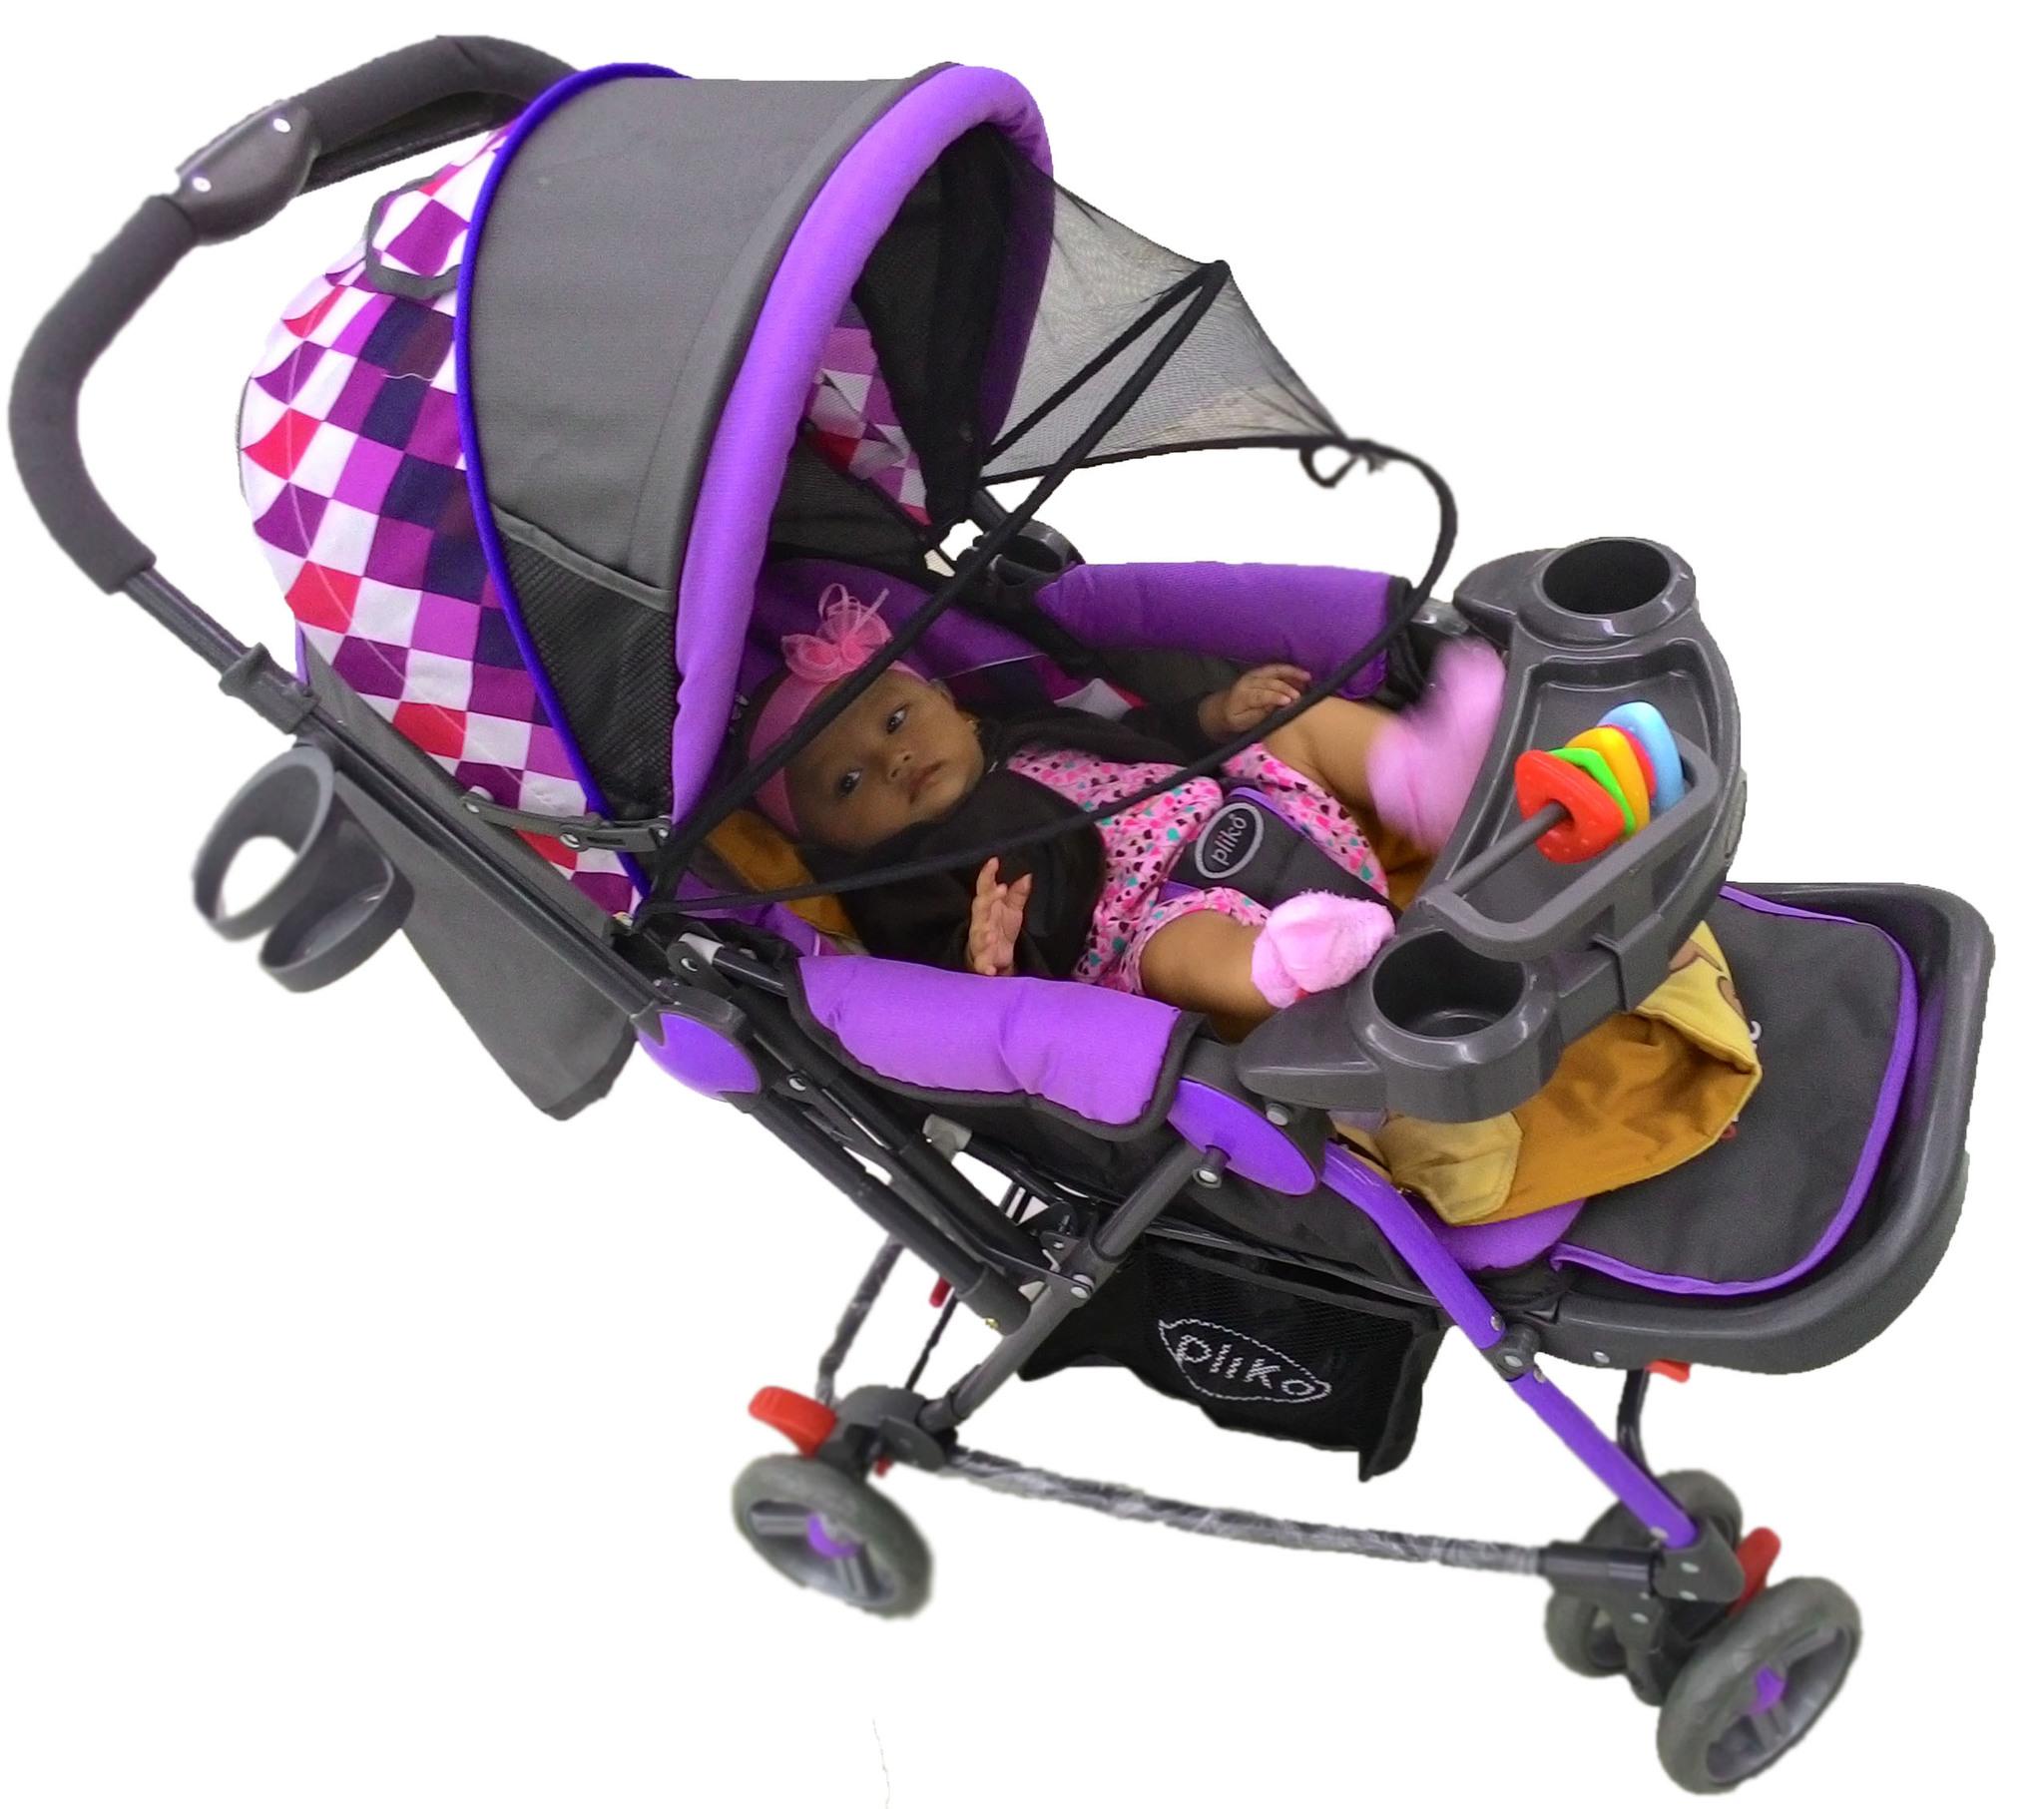 Baby Stroller Kereta dorong bayi Pliko 268 Grande bekasi